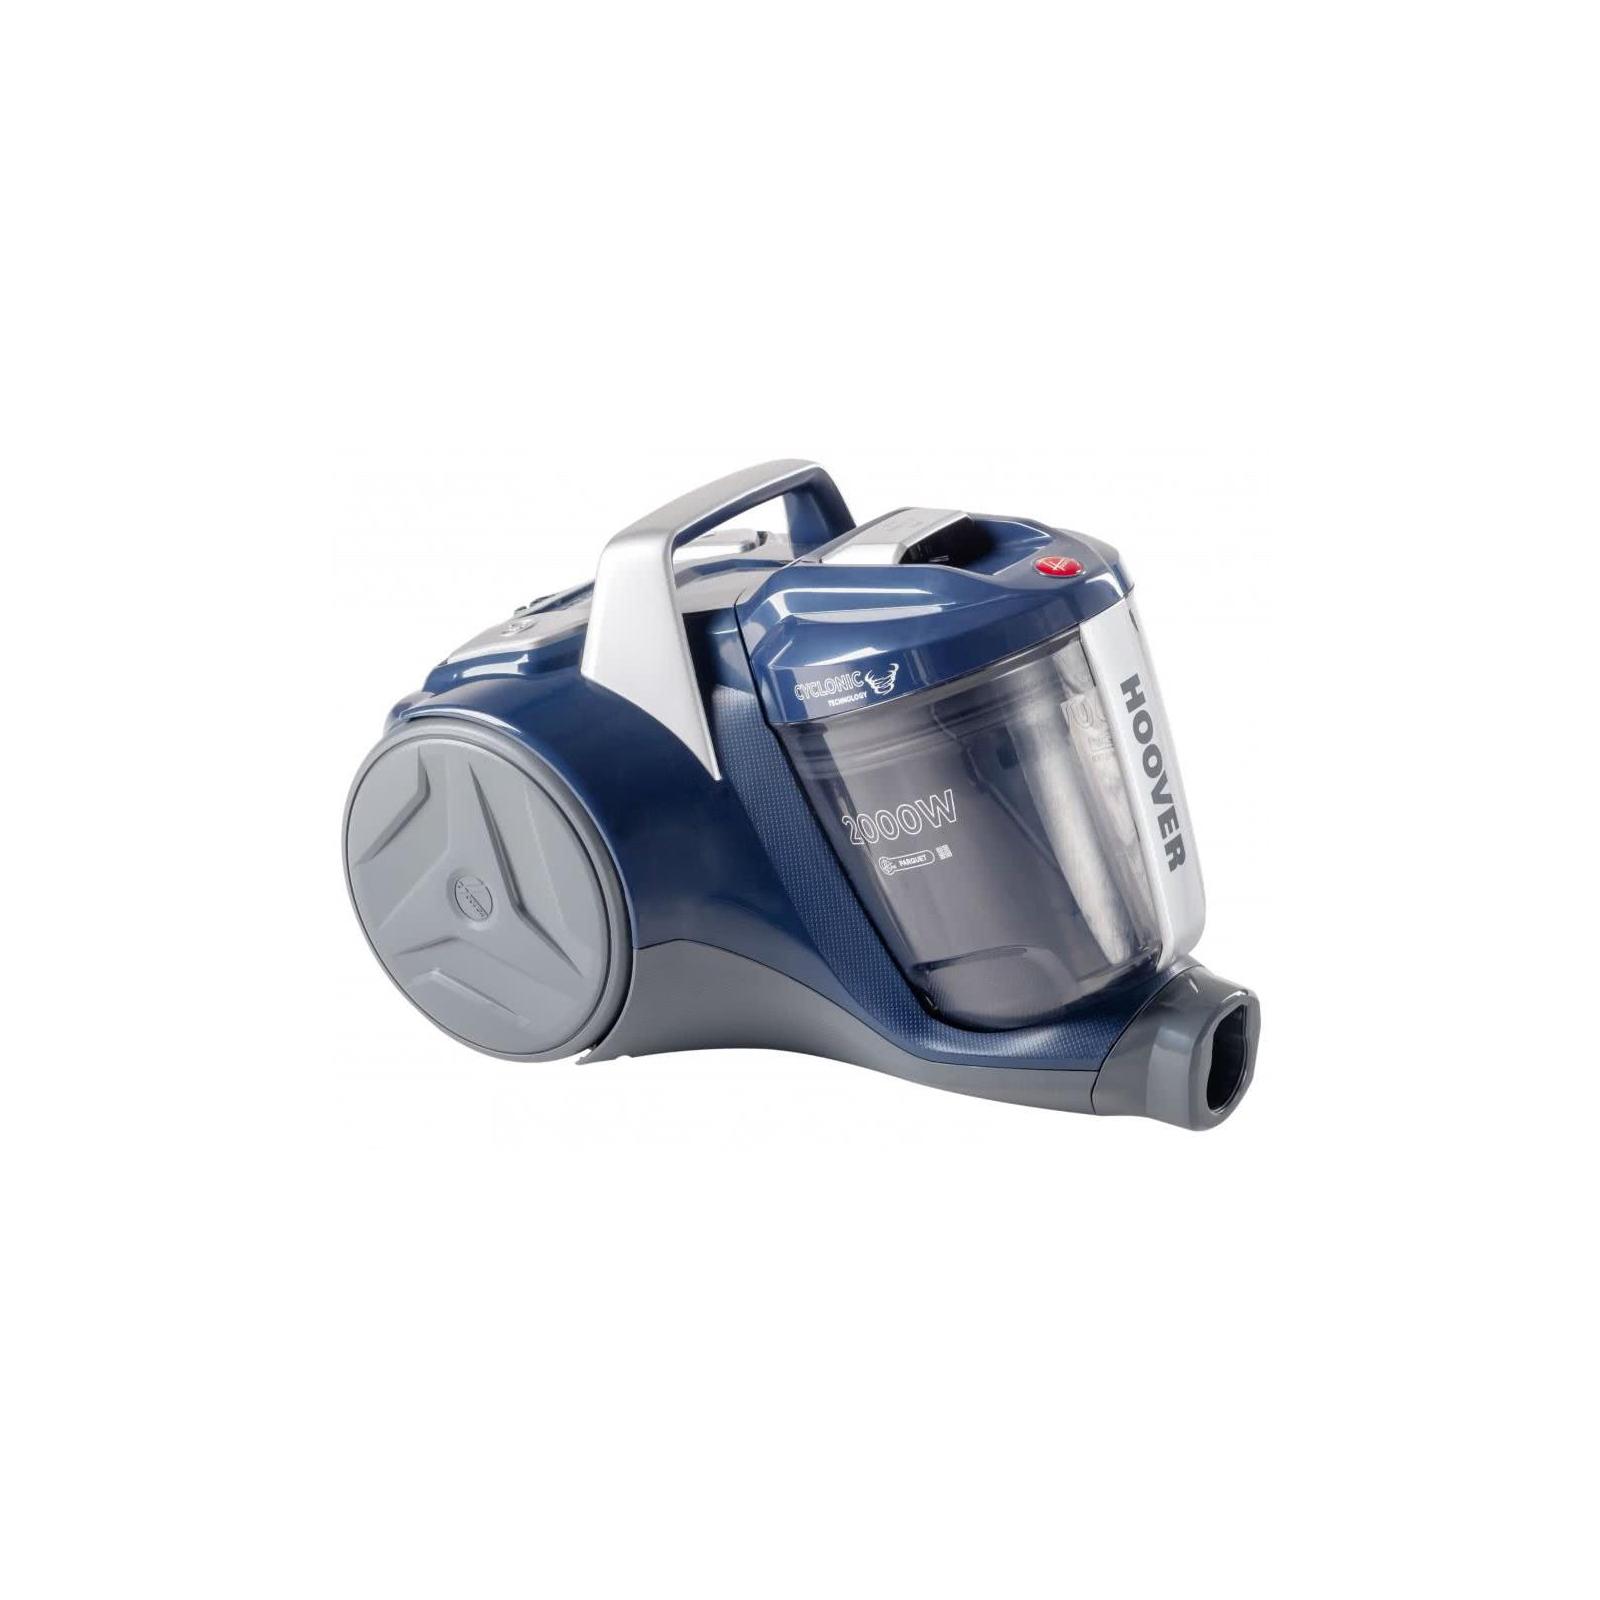 Пылесос Hoover BR2020 019 Blue изображение 2